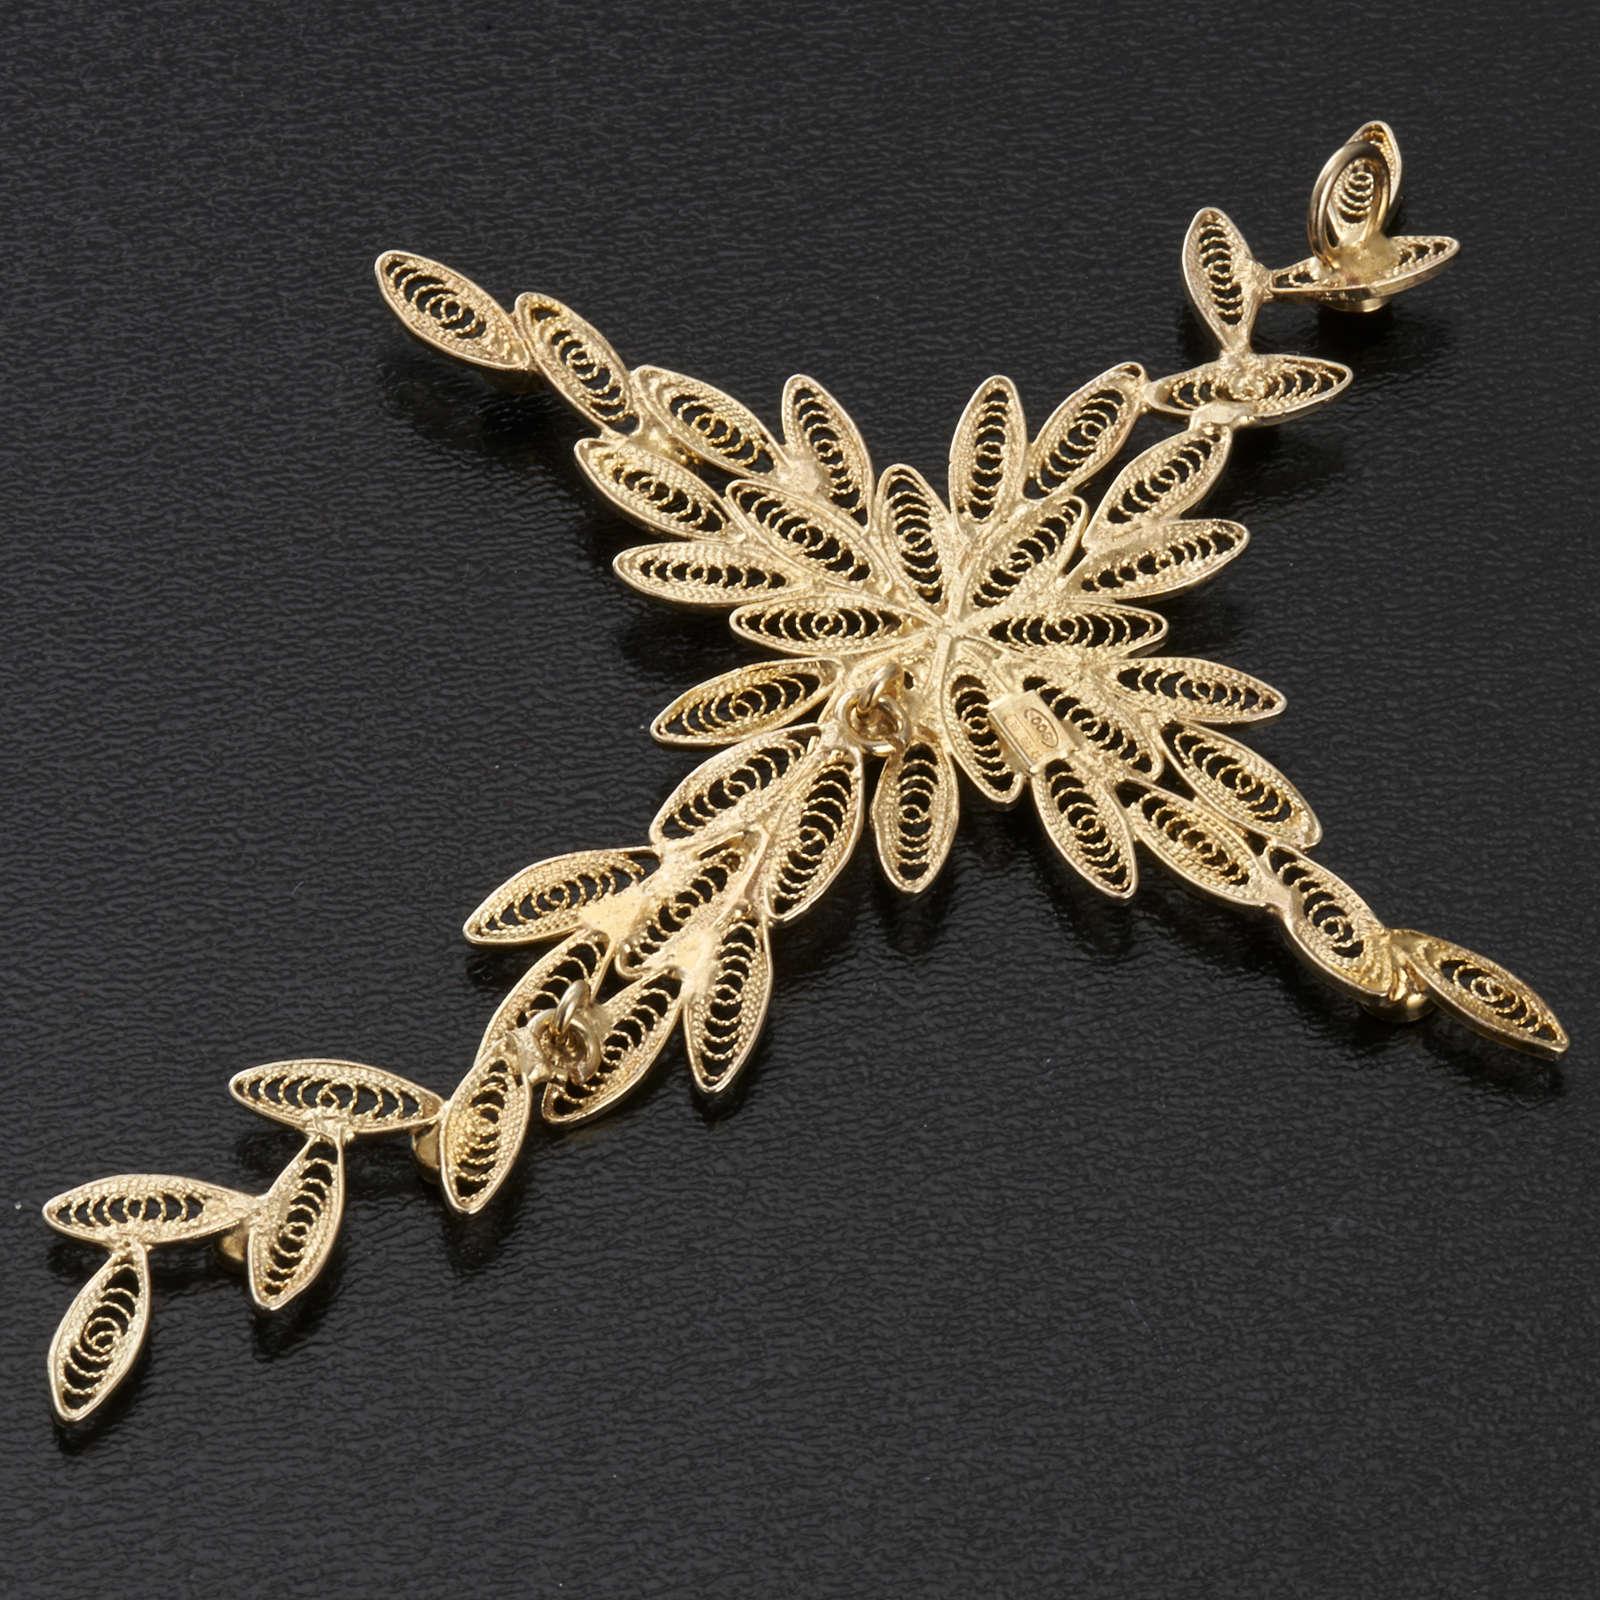 Pendente croce stilizzata filigrana arg. 800 corallo - 7,9 gr. 4